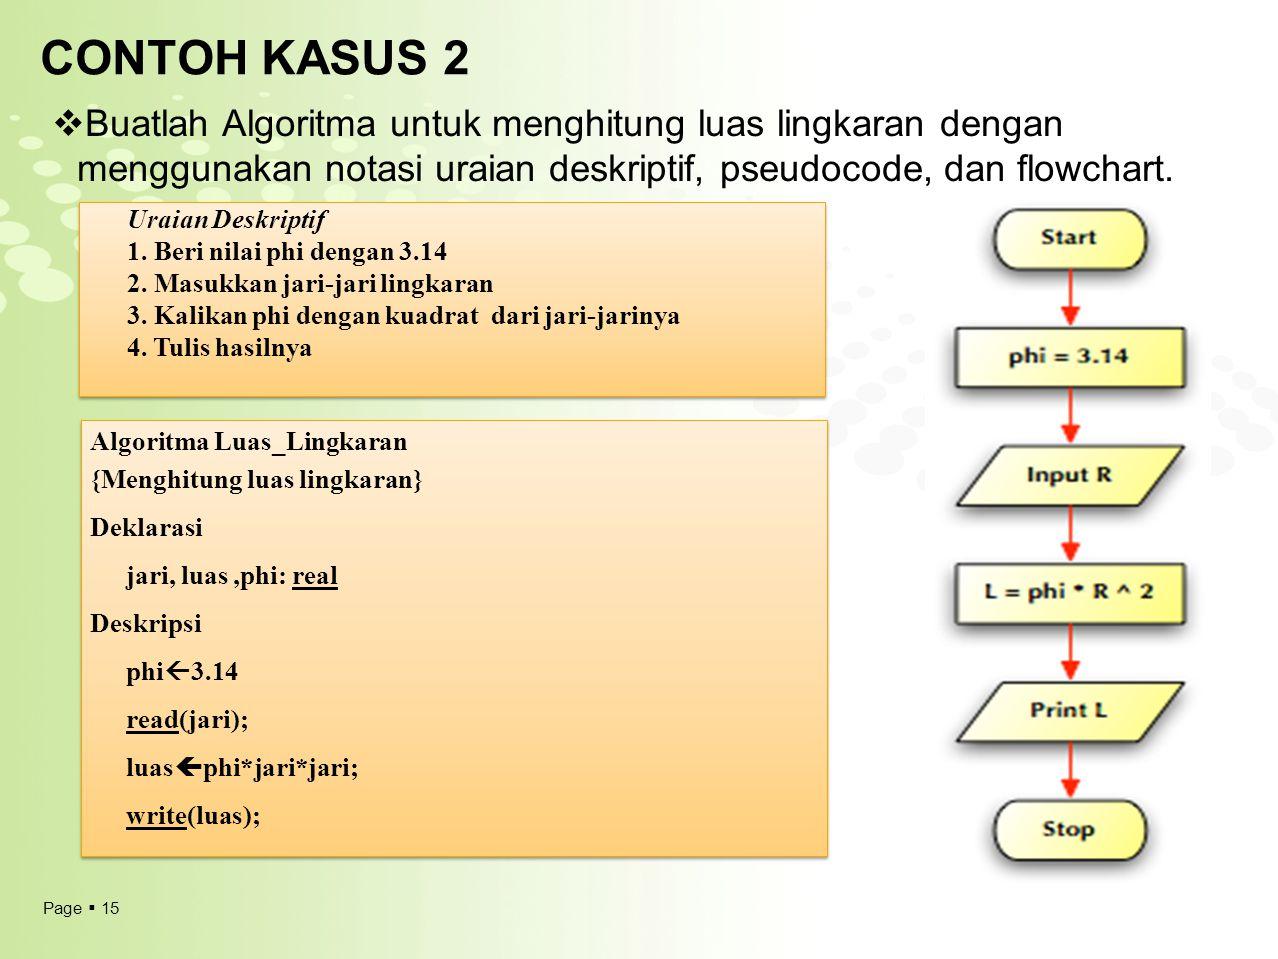 CONTOH KASUS 2 Buatlah Algoritma untuk menghitung luas lingkaran dengan menggunakan notasi uraian deskriptif, pseudocode, dan flowchart.